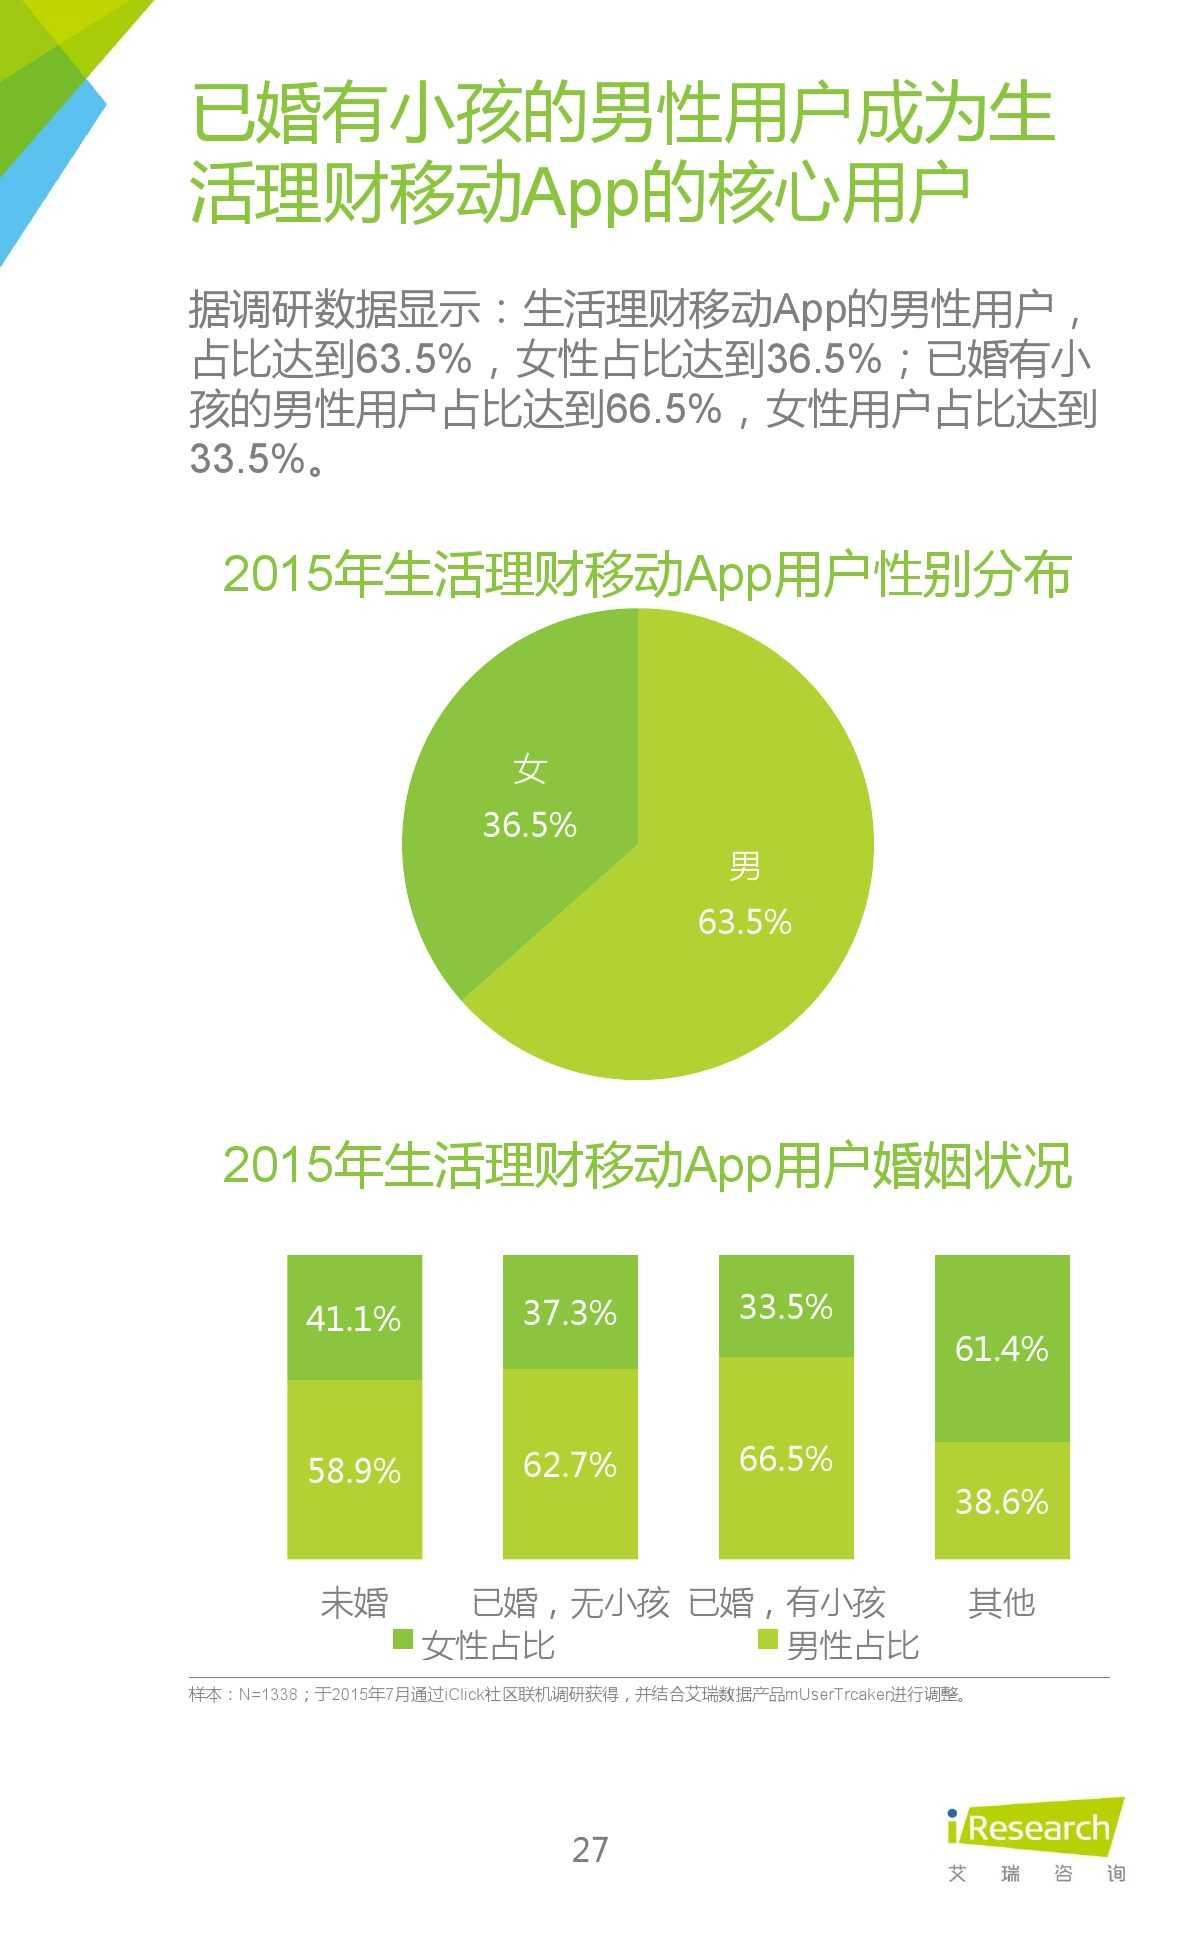 2015年中国生活理财移动App行业研究报告_000027